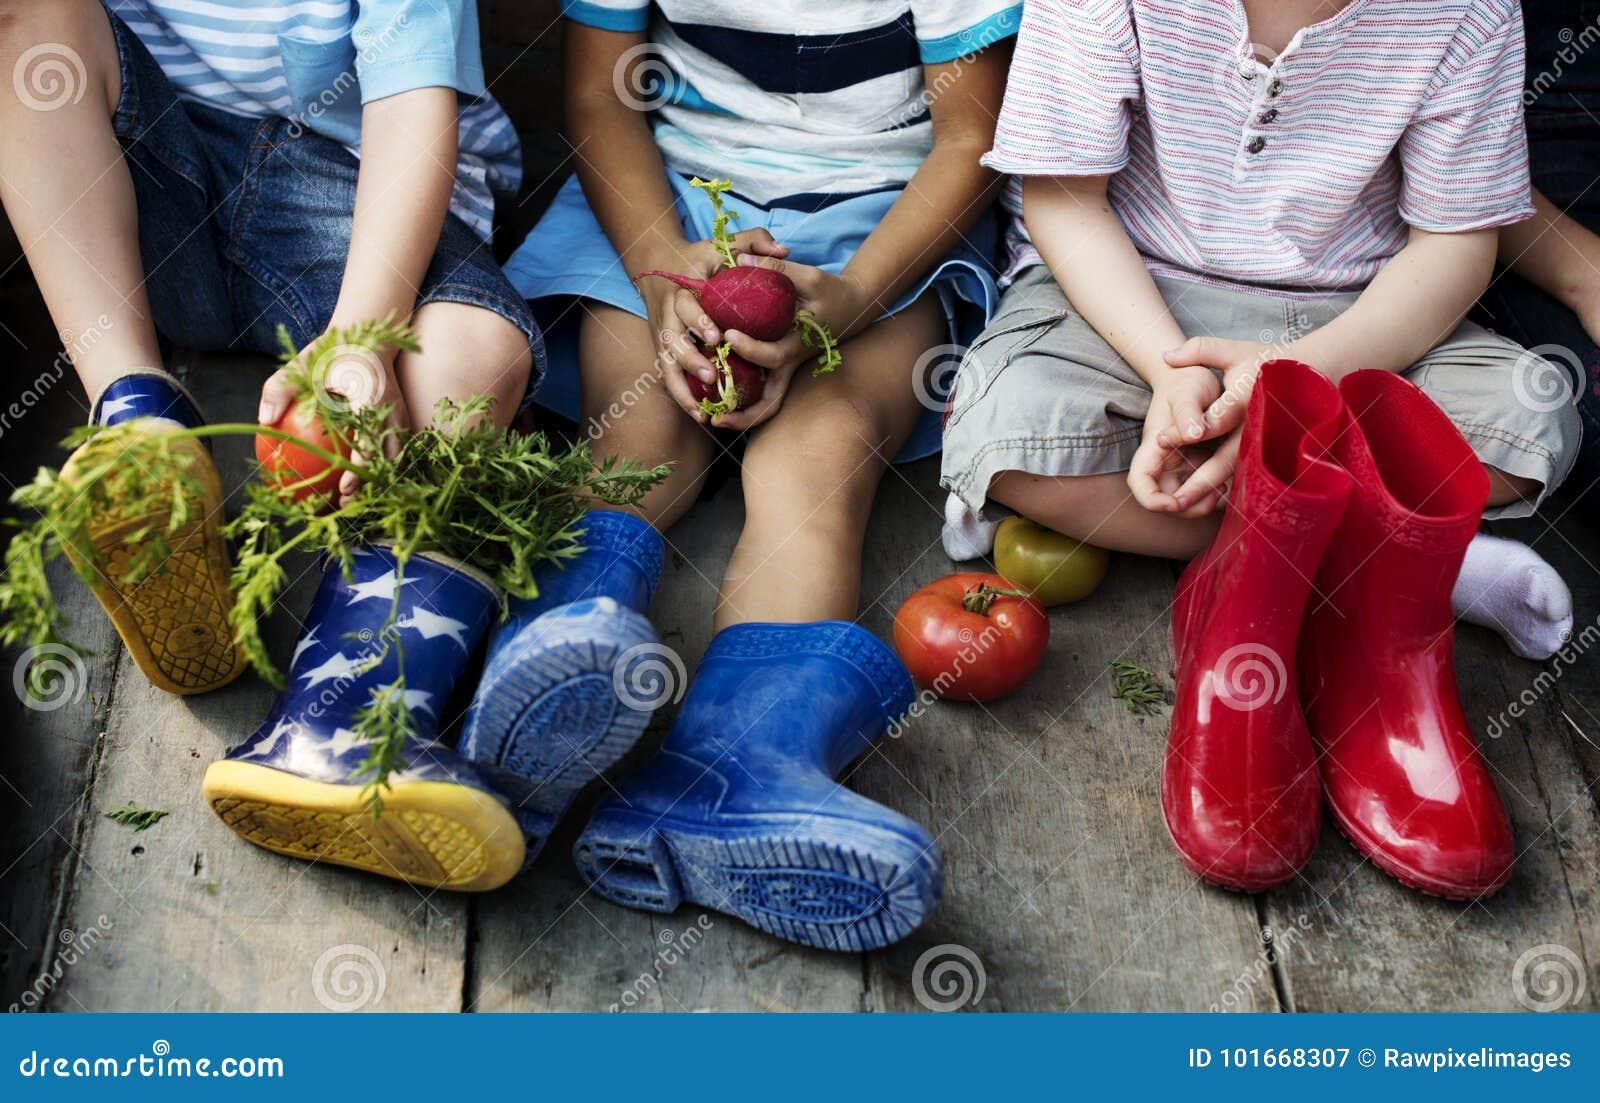 小组幼儿园哄骗学会从事园艺的小农夫